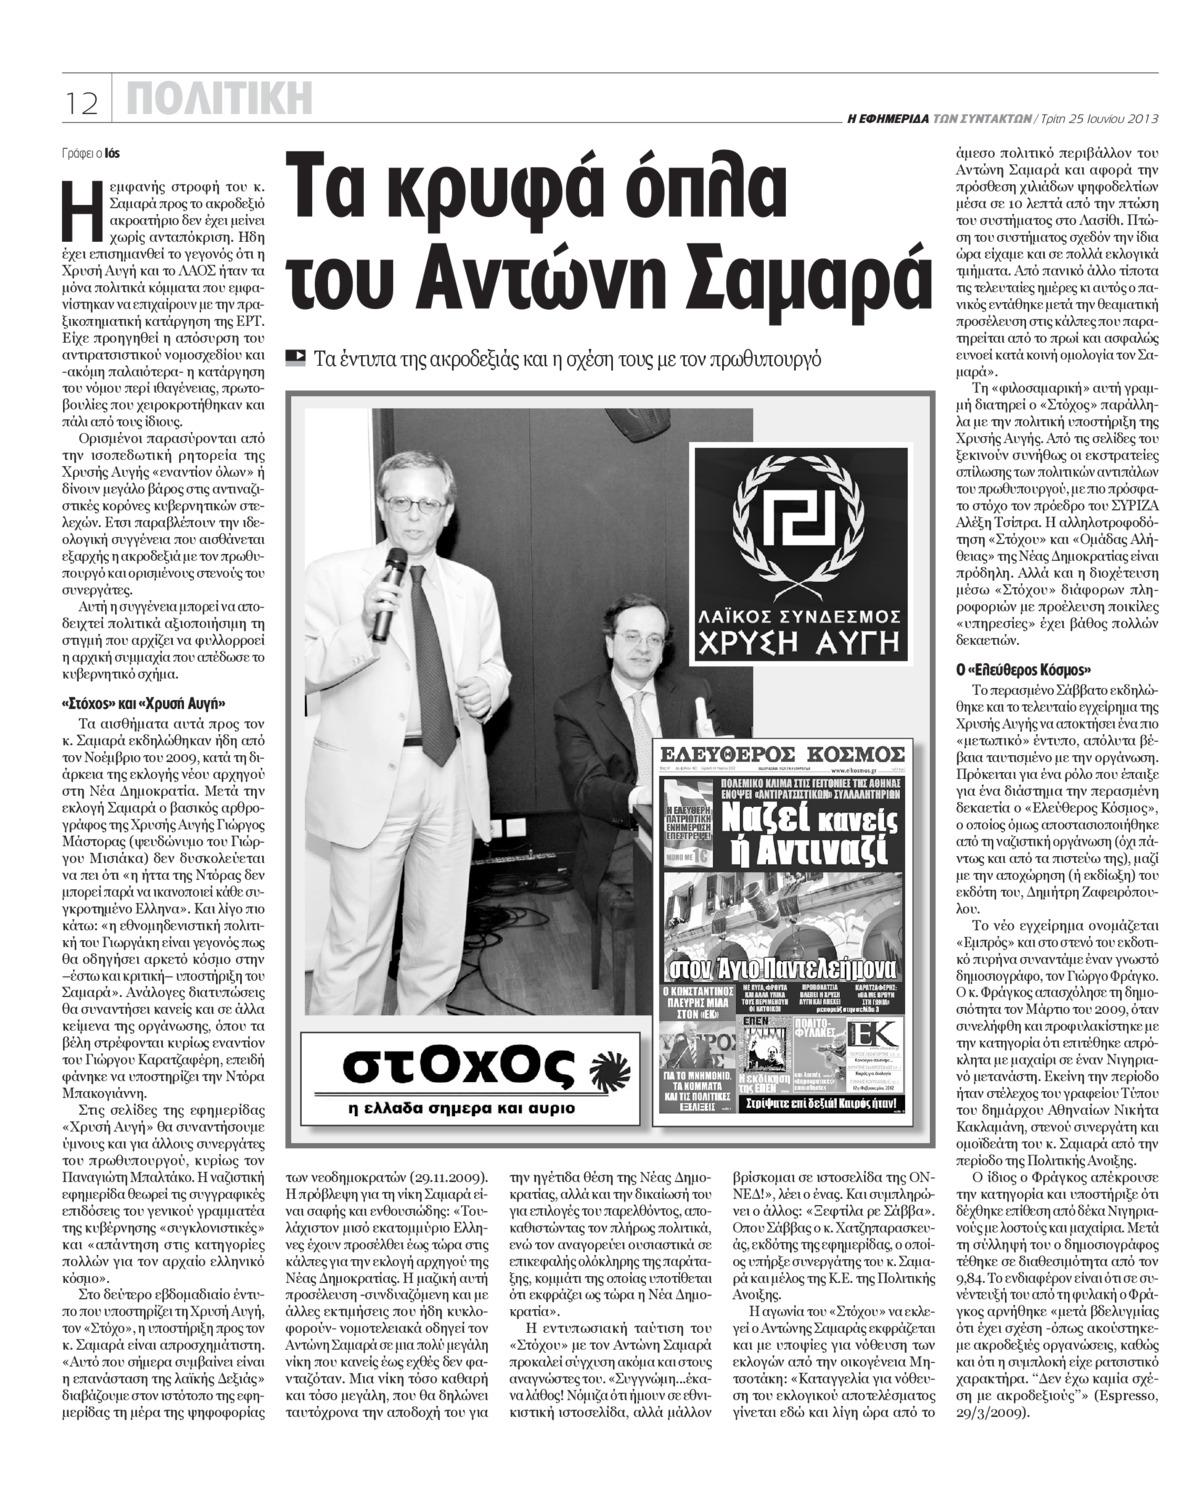 Ιός - Τα κρυφά όπλα του Αντώνη Σαμαρά Τα έντυπα της ακροδεξιάς και η σχέση τους με τον πρωθυπουργό, Εφημερίδα των Συντακτών, 25/06/2013